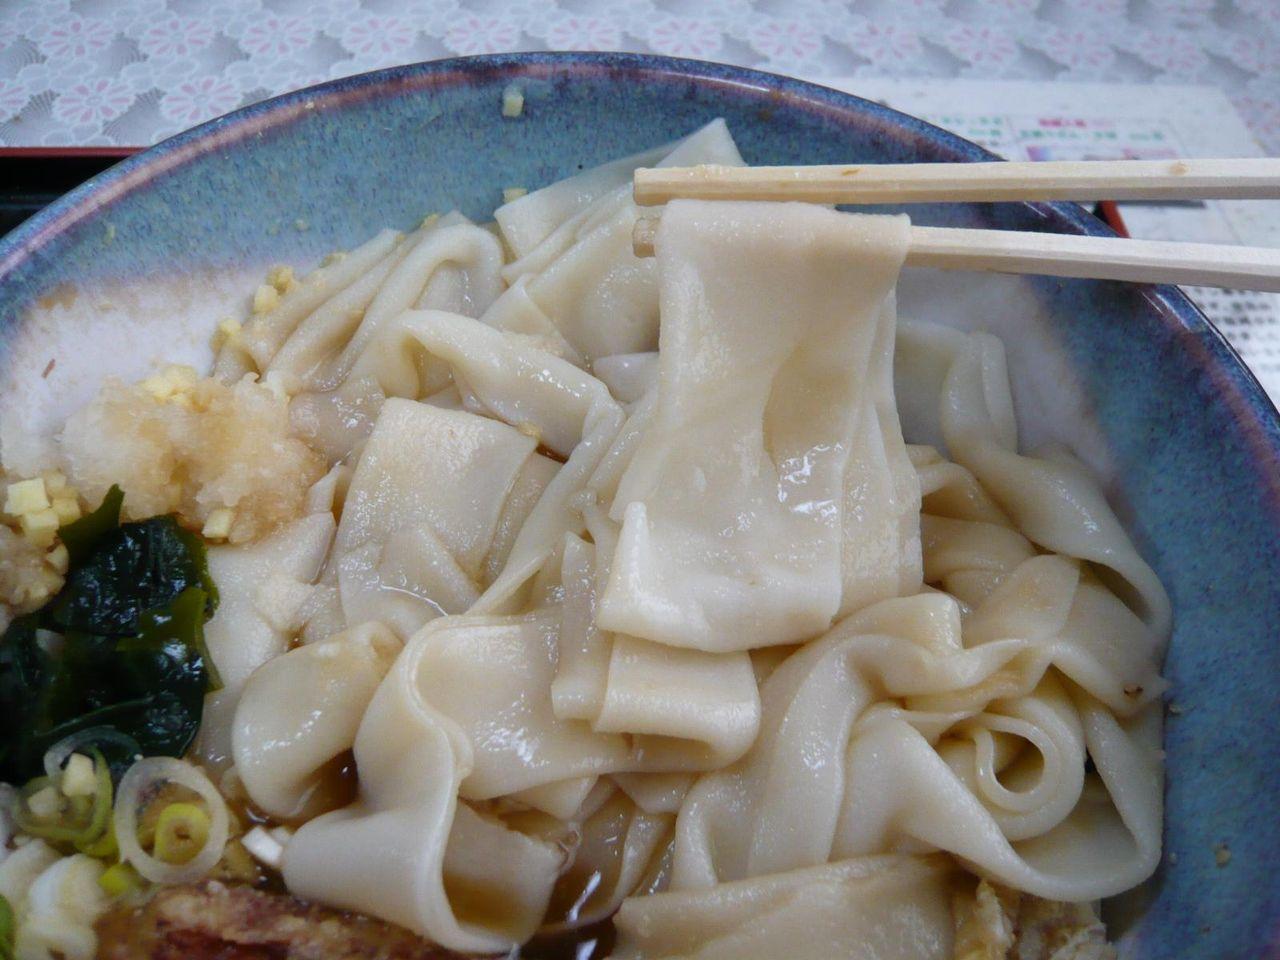 食べても減らないと思ったら、麺が汁を吸収して膨張してます!